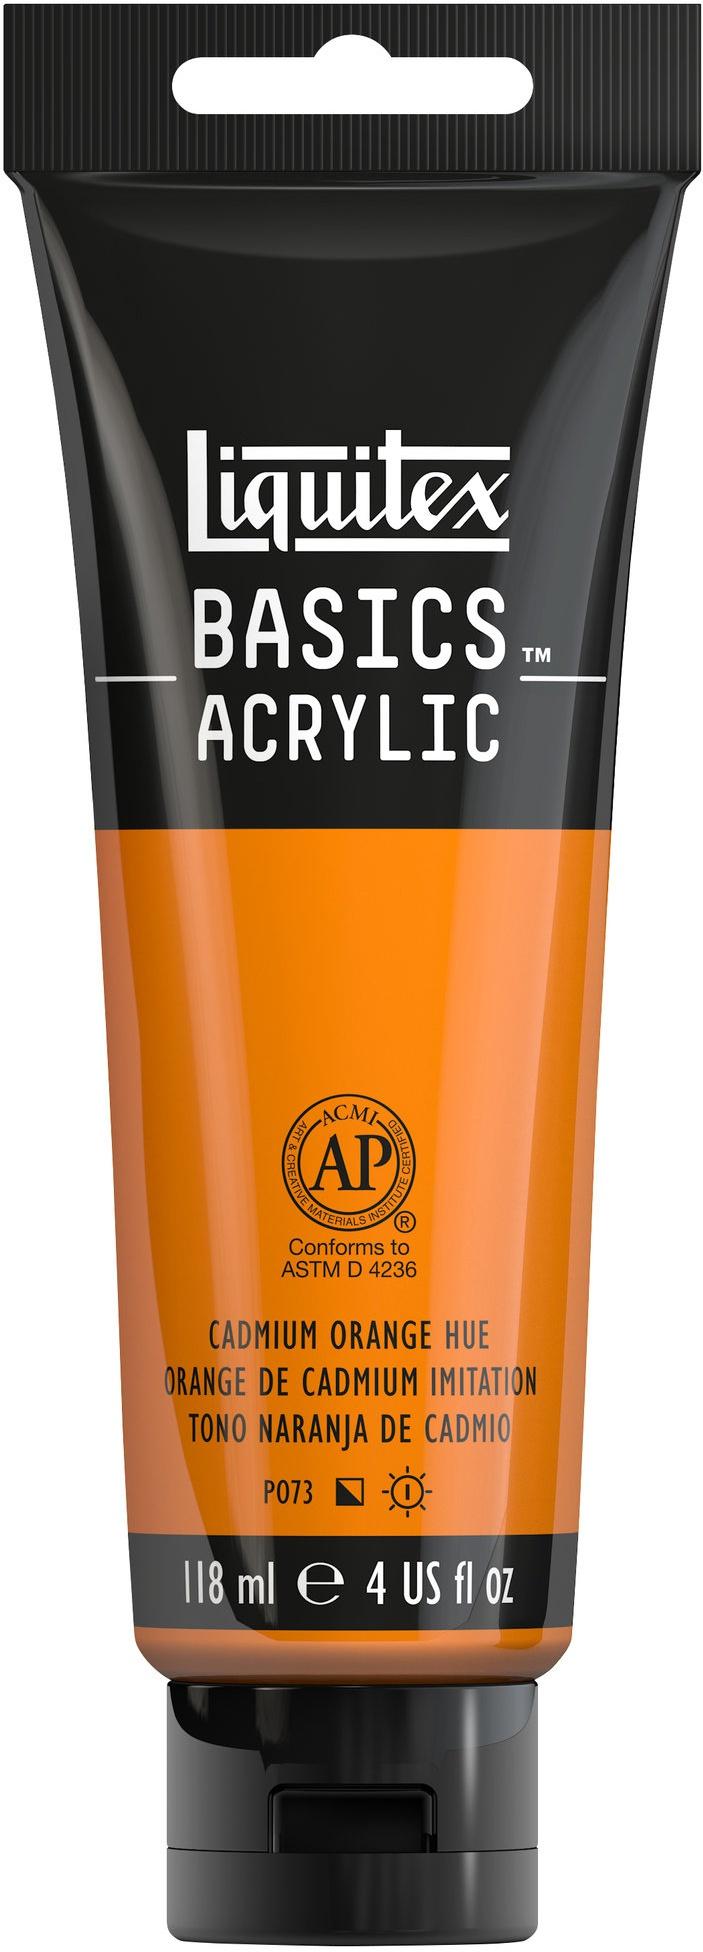 Basics Cadmium Orange Hue